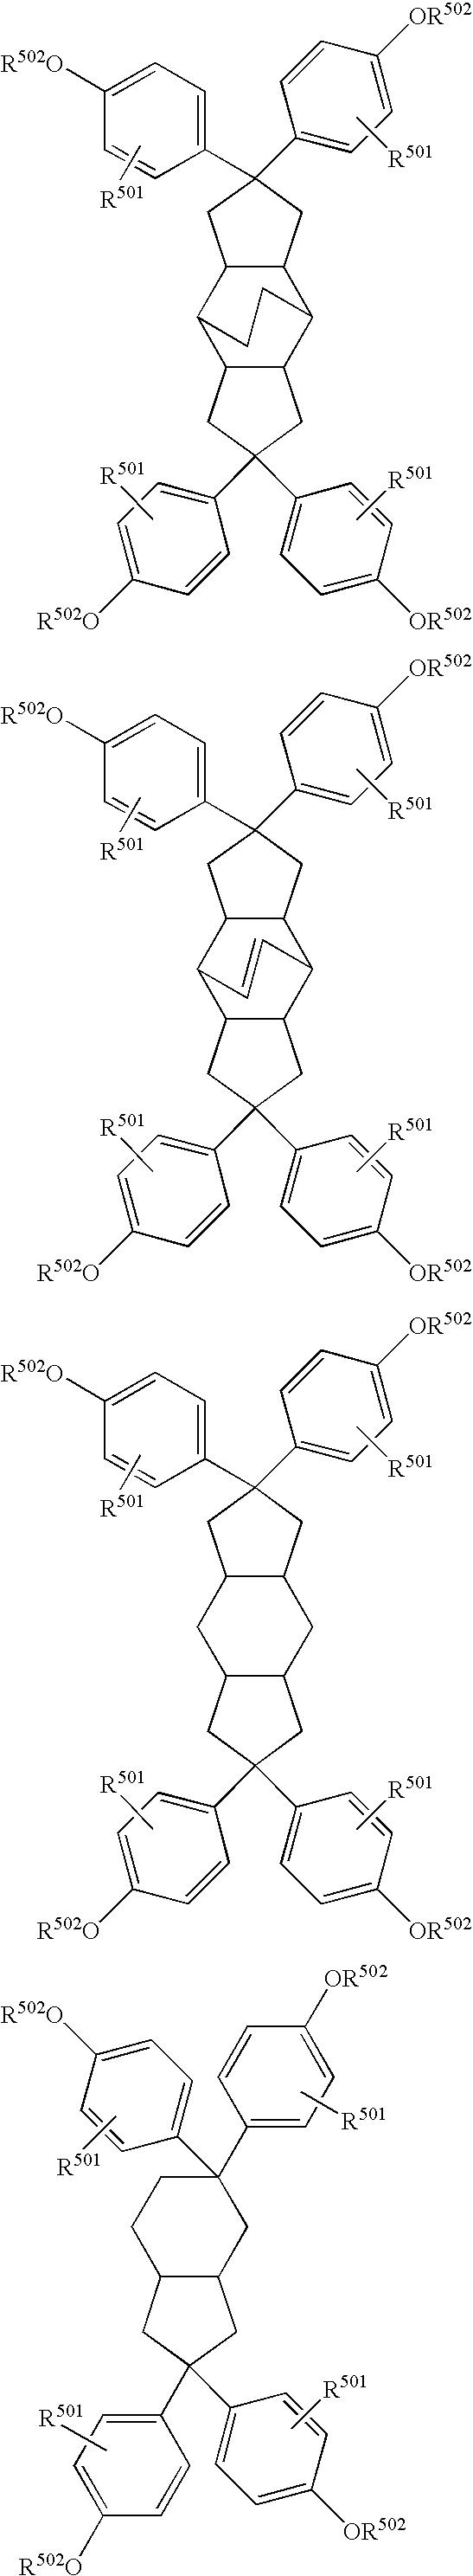 Figure US20080020289A1-20080124-C00059